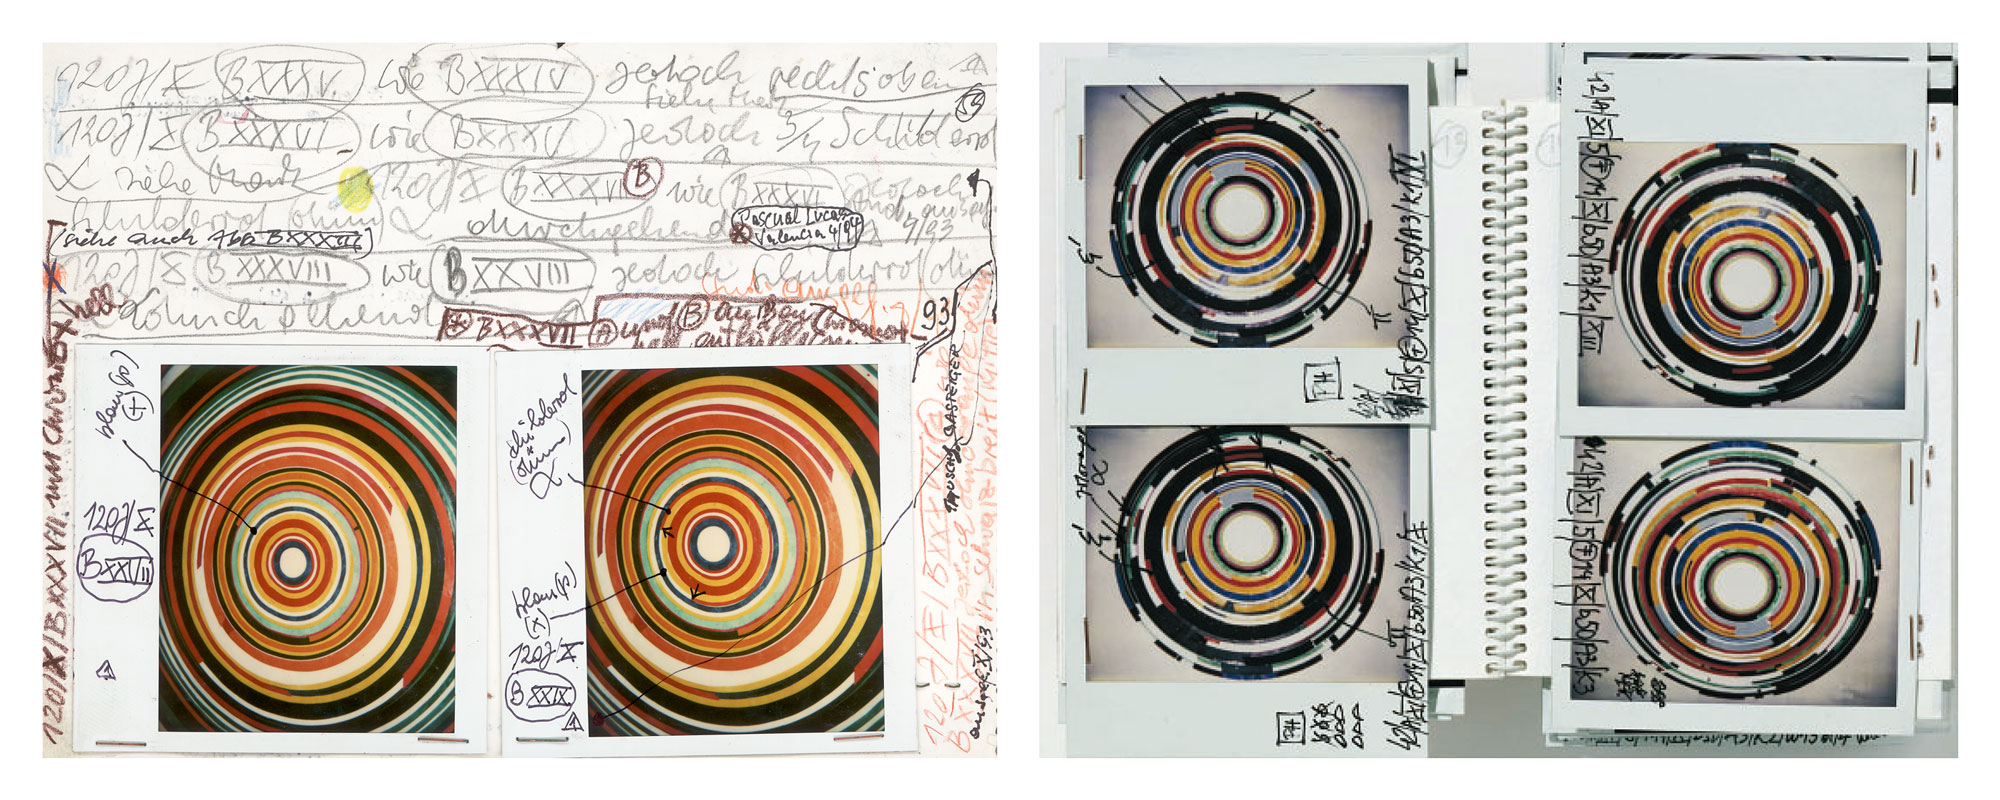 Abb. links: Verzeichnis ausgeführter Attrappen /Ausschnitt aus | detail from : Archivhefte 1991-1993 <br> SO / 91 - 92 /120J / X / B XXVII , 9/1992, Mischtechnik, Collage auf Platte | mixed media, collage on panel, ø 198,5 cm, Sammlung Museum Moderner Kunst, Wien| Collection of Museum of Modern Art, Vienna <br> Ganz rechts |extrem right: SO / 91 - 92 /120J / X / B XXXVII / A , 10/1993, Mischtechnik, Collage auf Platte | mixed media, collage on panel, ø 198,5 cm, Sammlung Museum der Schönen Künste, Budapest| Collection of Museum of Fine Arts, Budapest. Foto | photo: Herwig Steiner <br> Abb. rechts: Notizen zu Kunst der Attrappe 1980-1990; photo: Schachinger